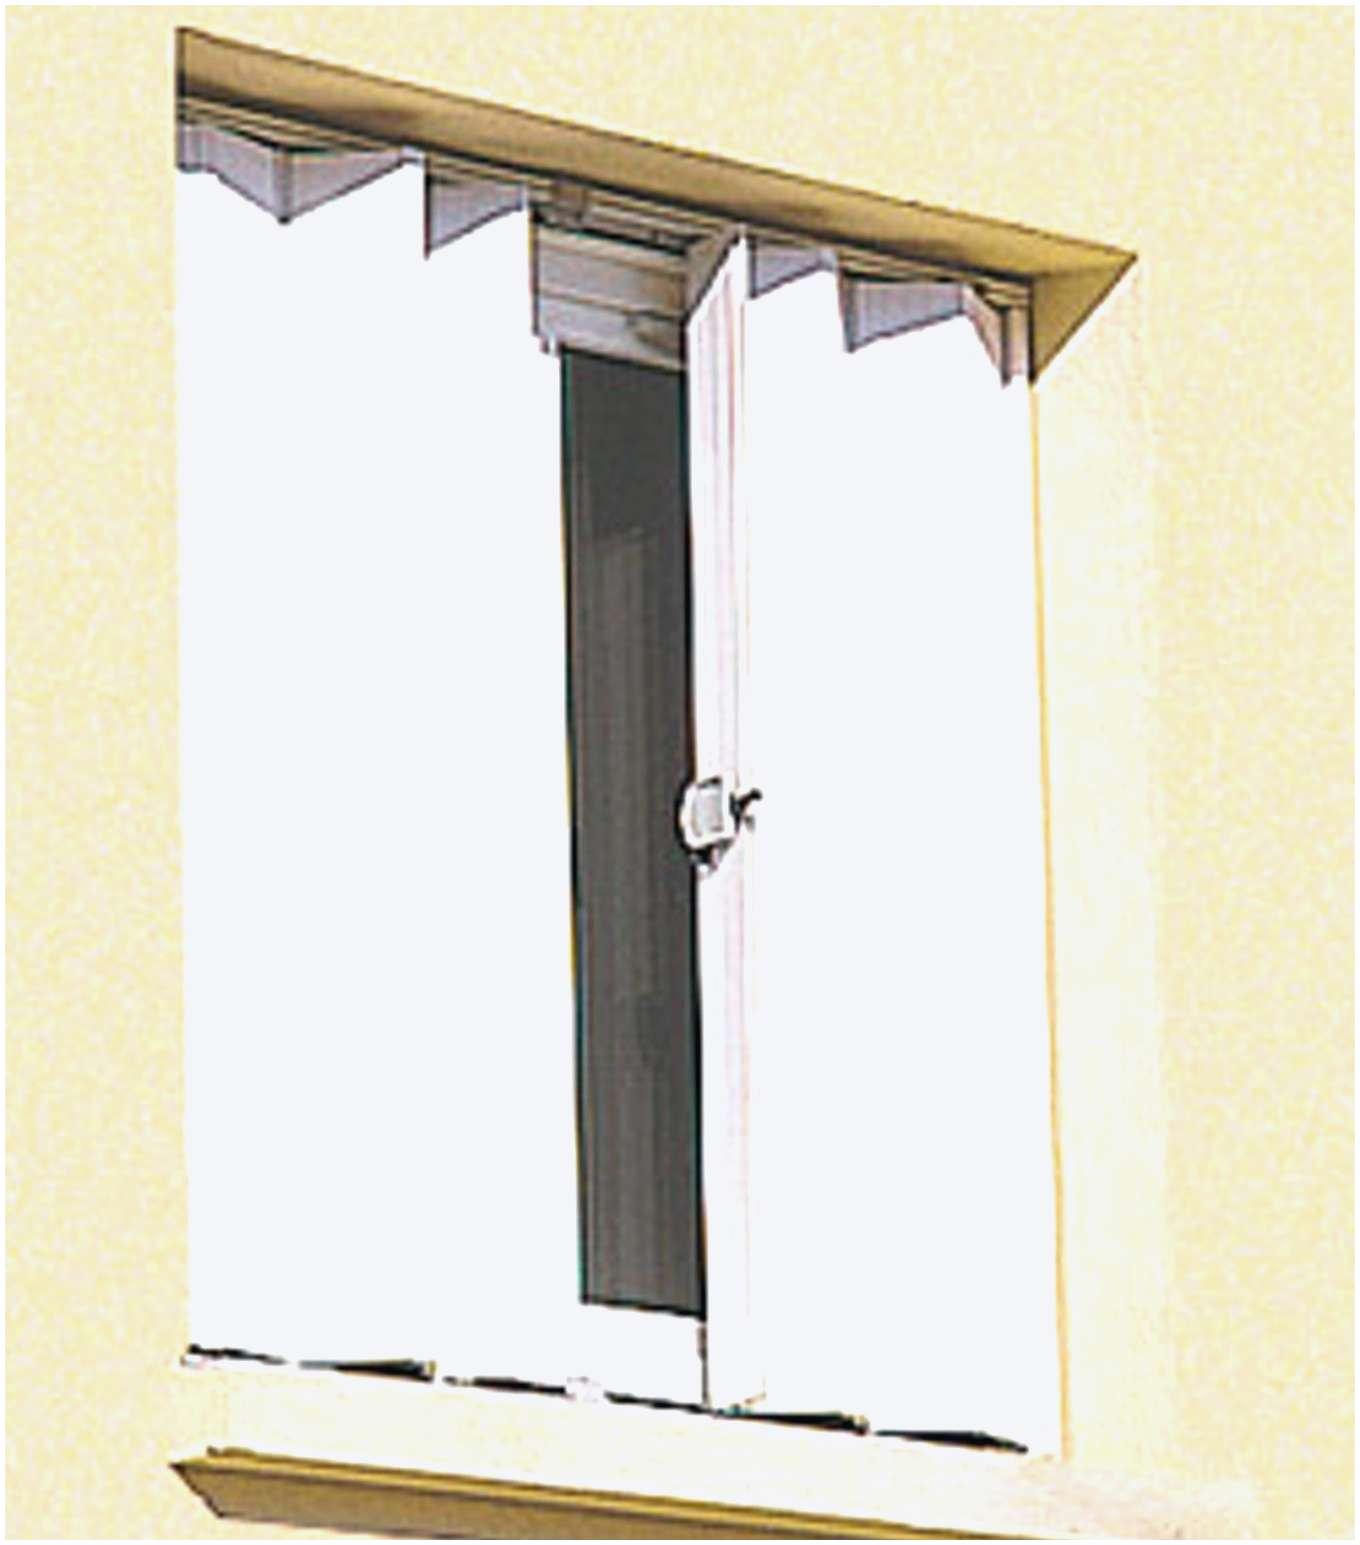 100 Remarquable Suggestions Rideau Phonique Porte Entrée dedans Rideau Isolant Thermique Porte D Entrée